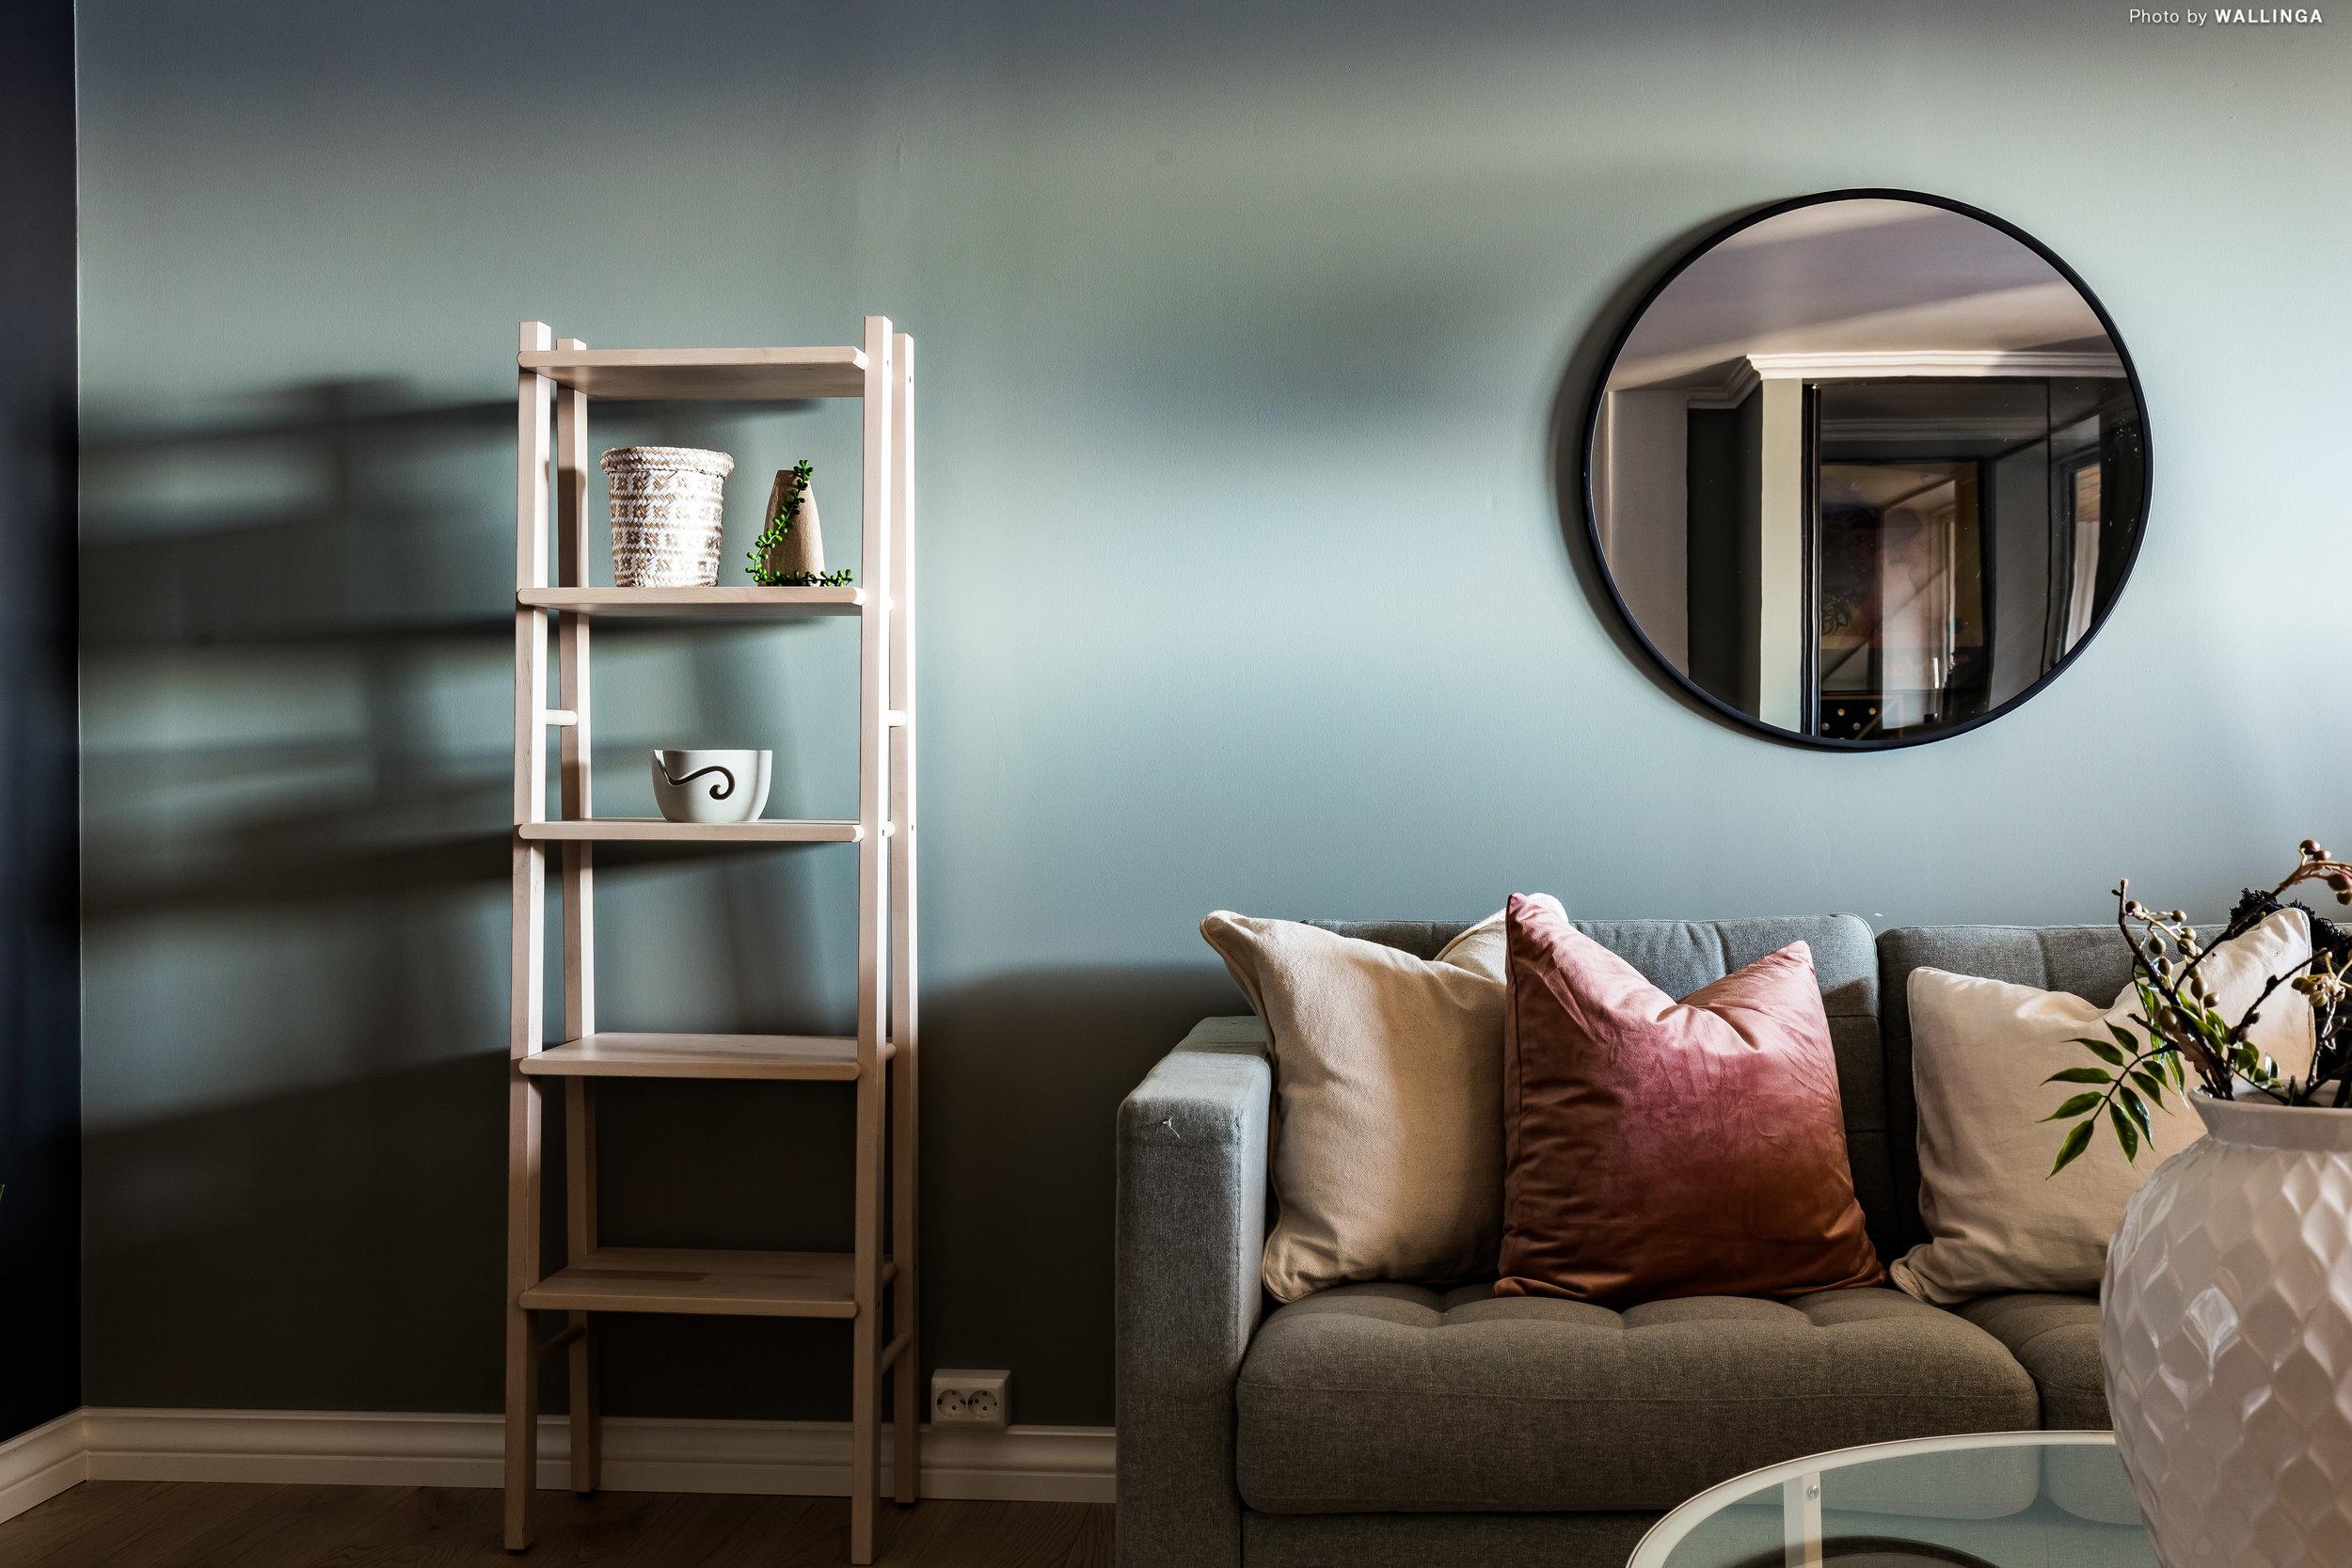 fotograf wallinga deko interior (17).jpg